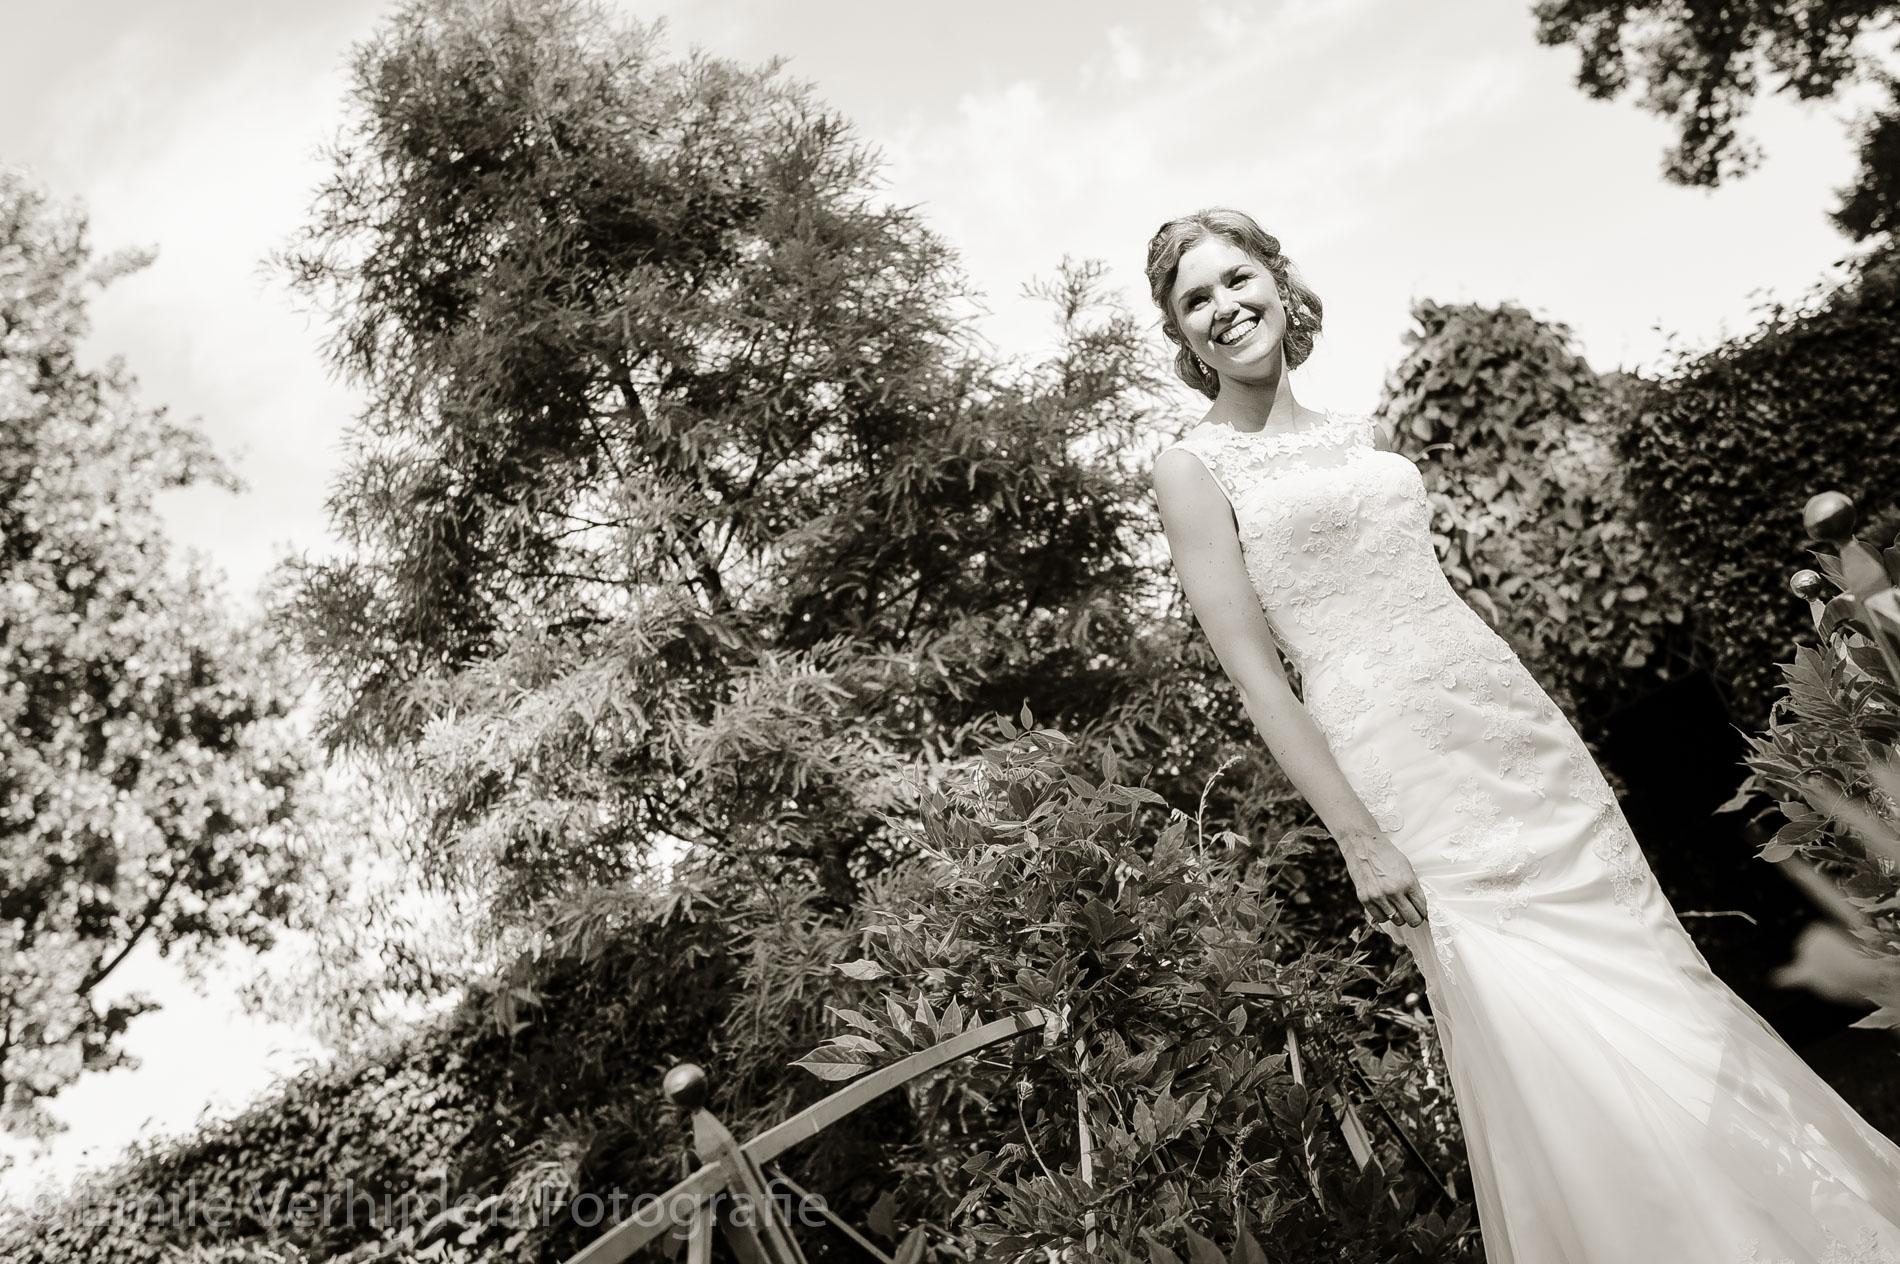 Stralende bruid op de brug. Bruidsfotograaf Kasteel Groot Buggenum Grathem Limburg